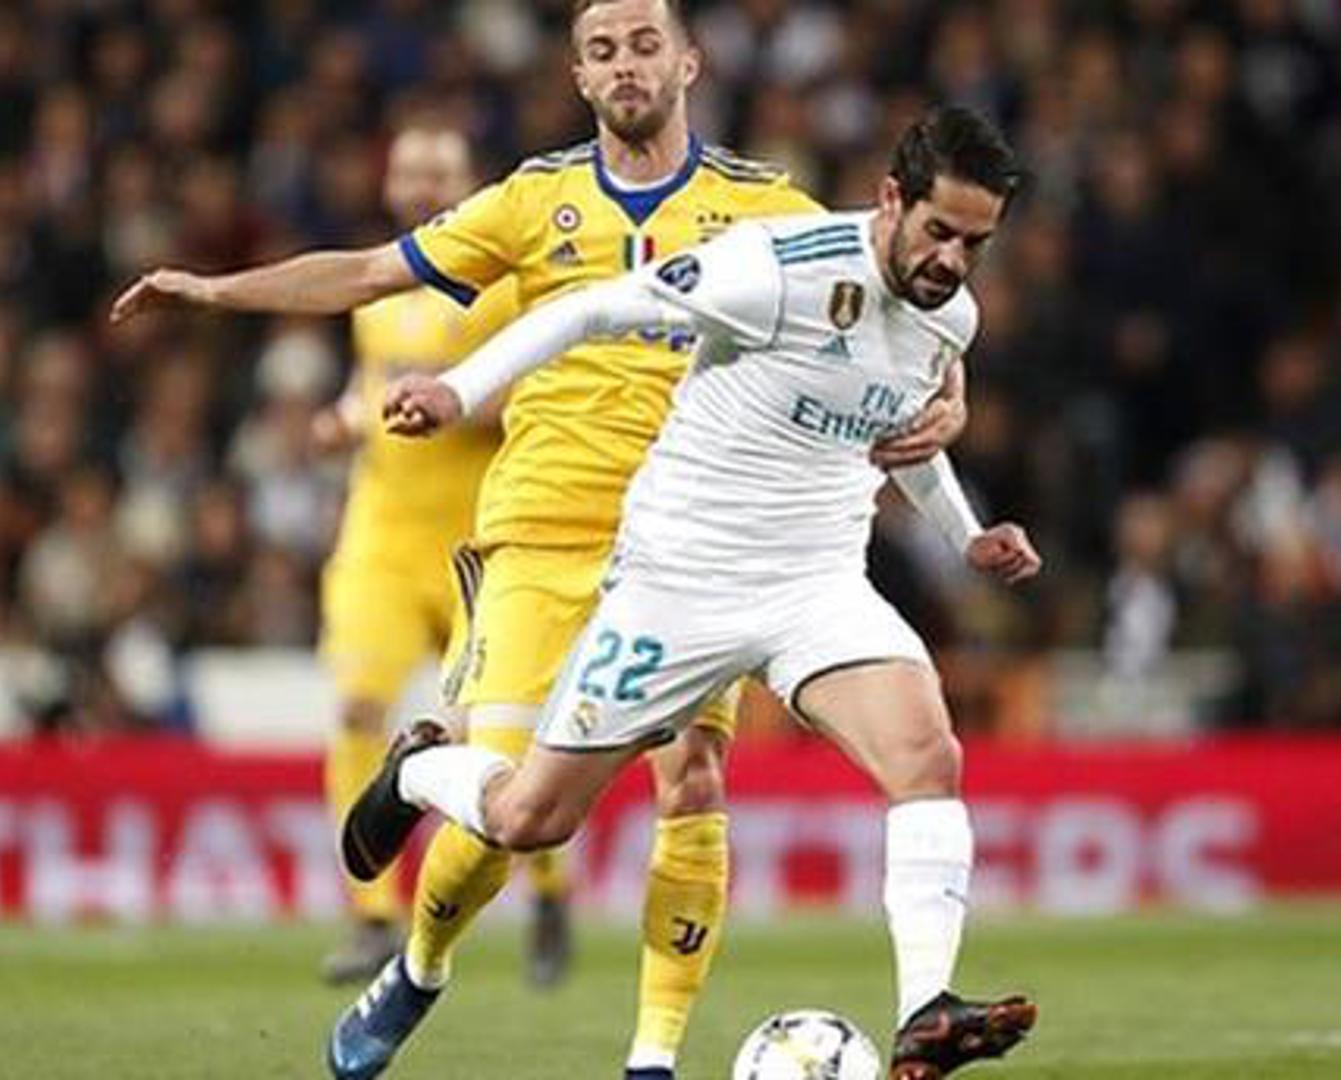 ЧЛ ширек финалы: «Реал Мадрид» өз алаңында «Ювентустан» жеңілді